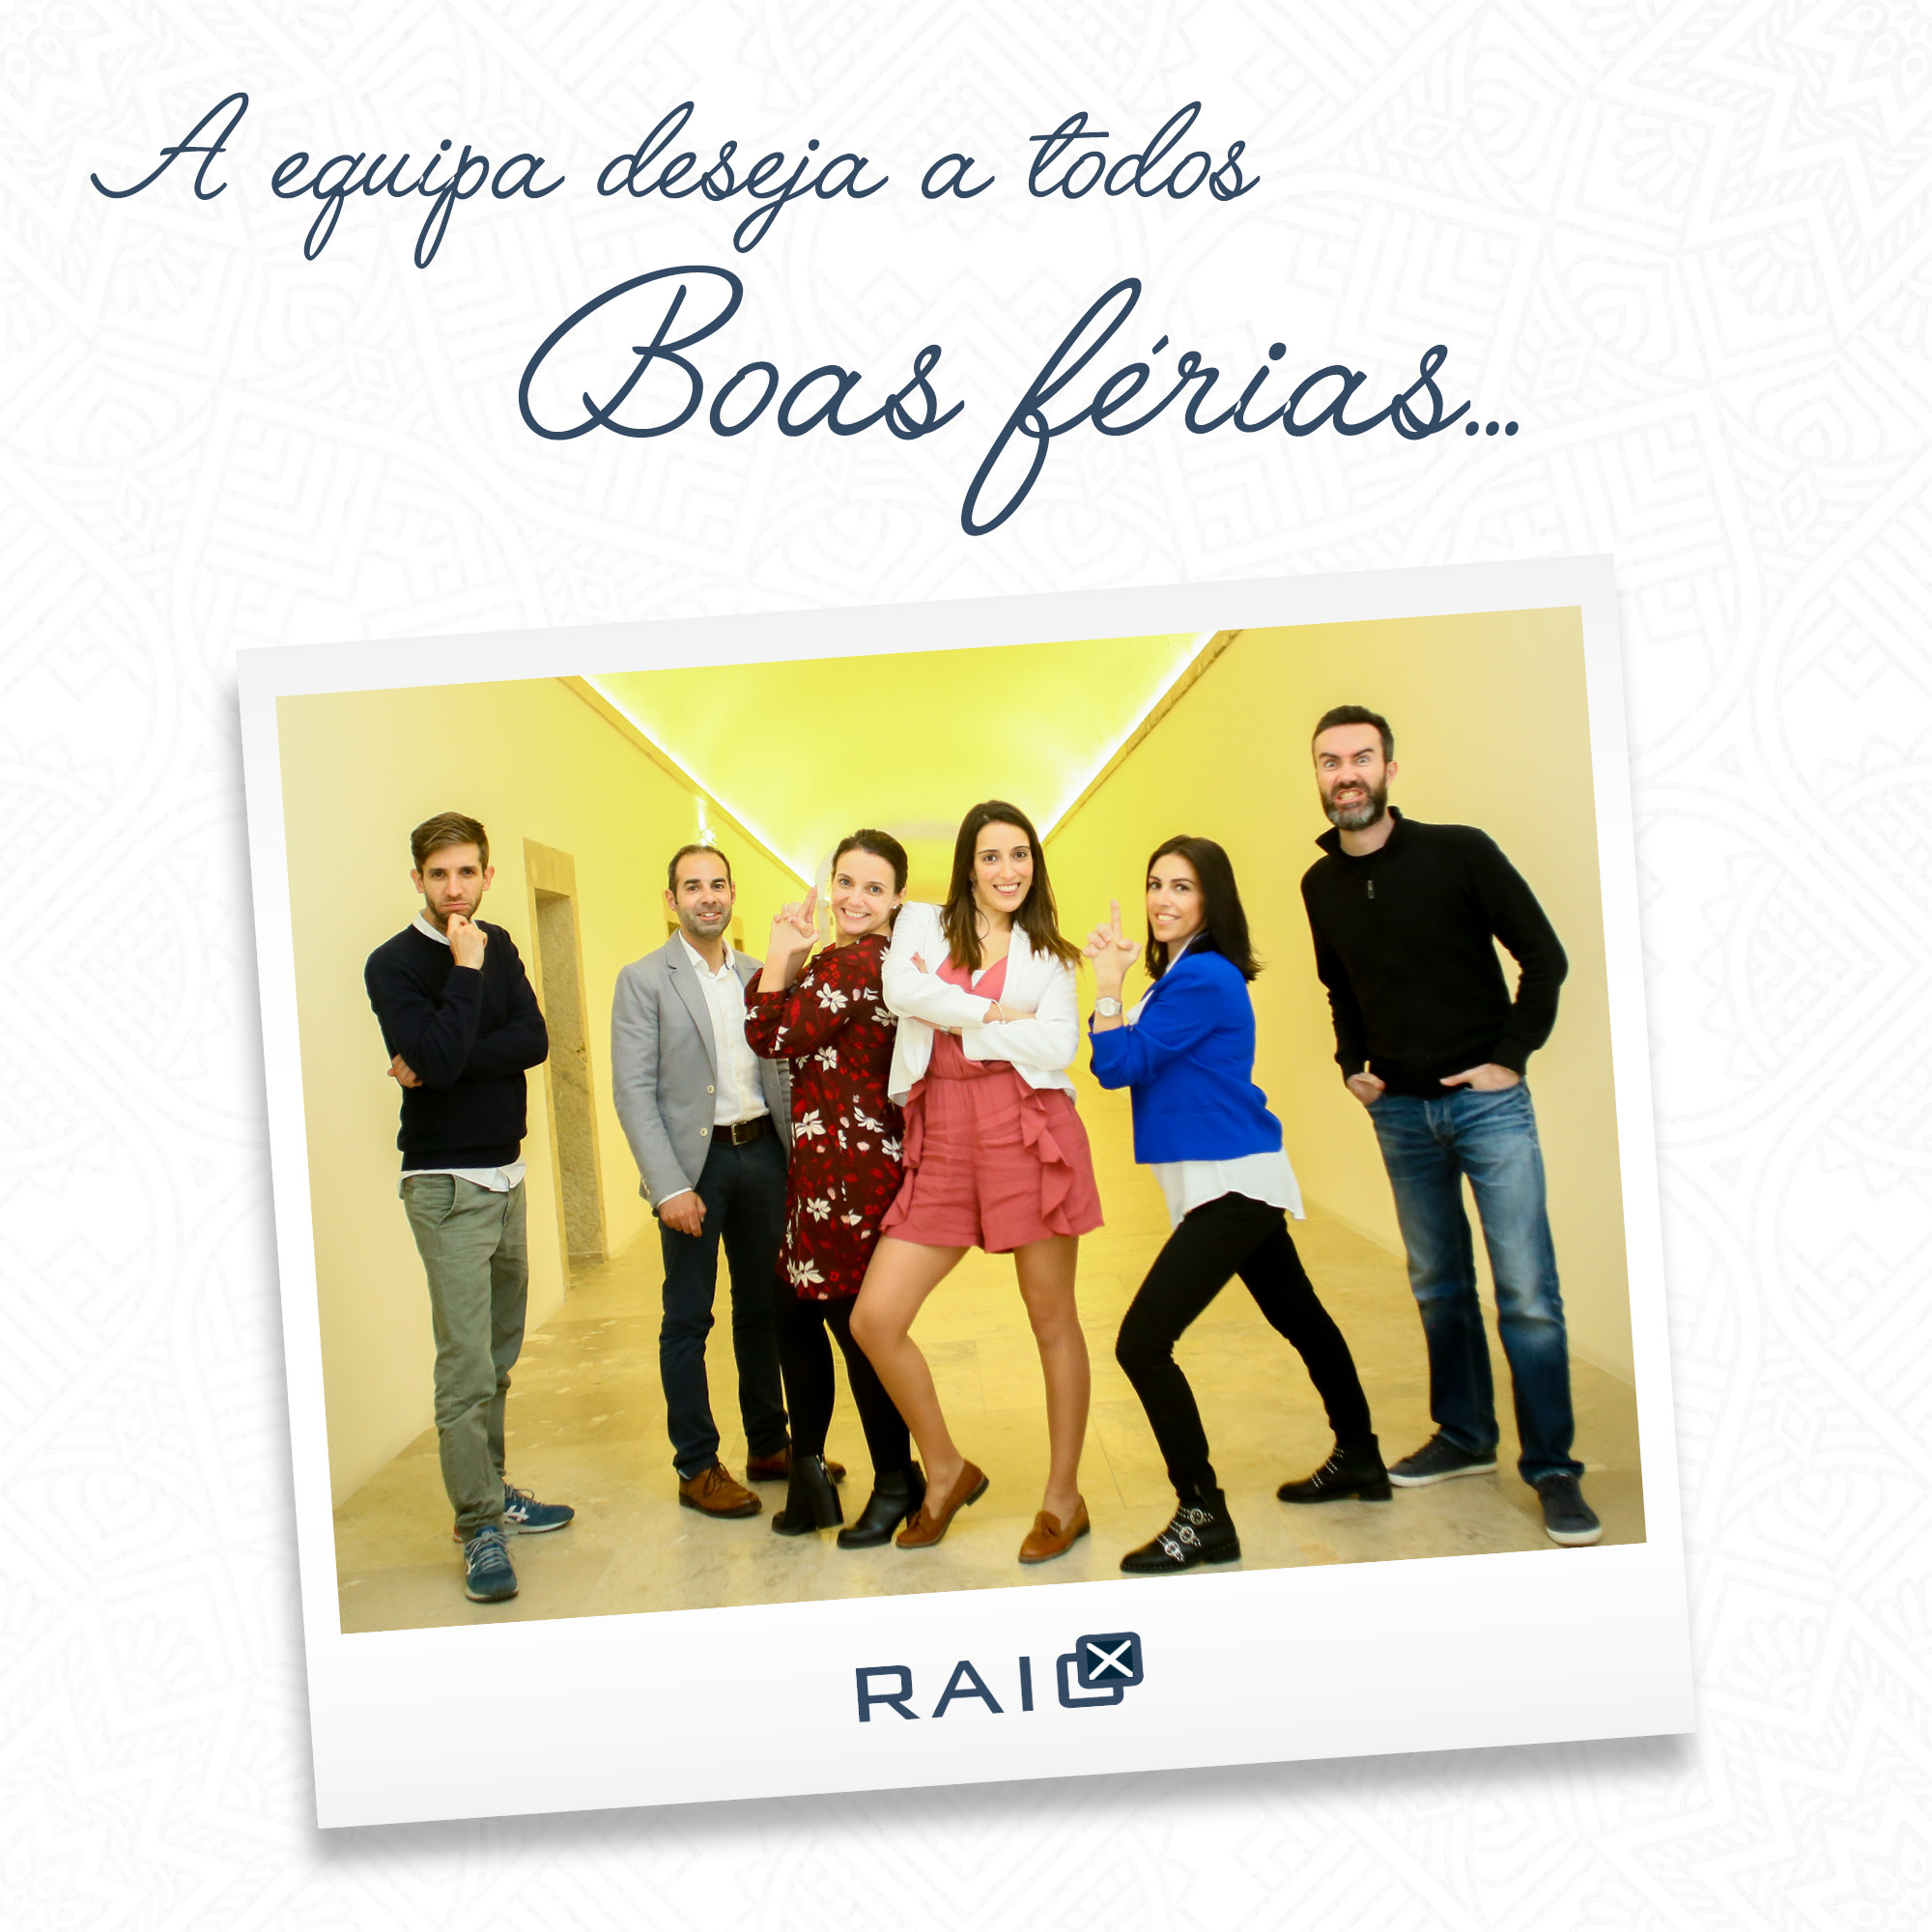 banner boas ferias_v1 (003)